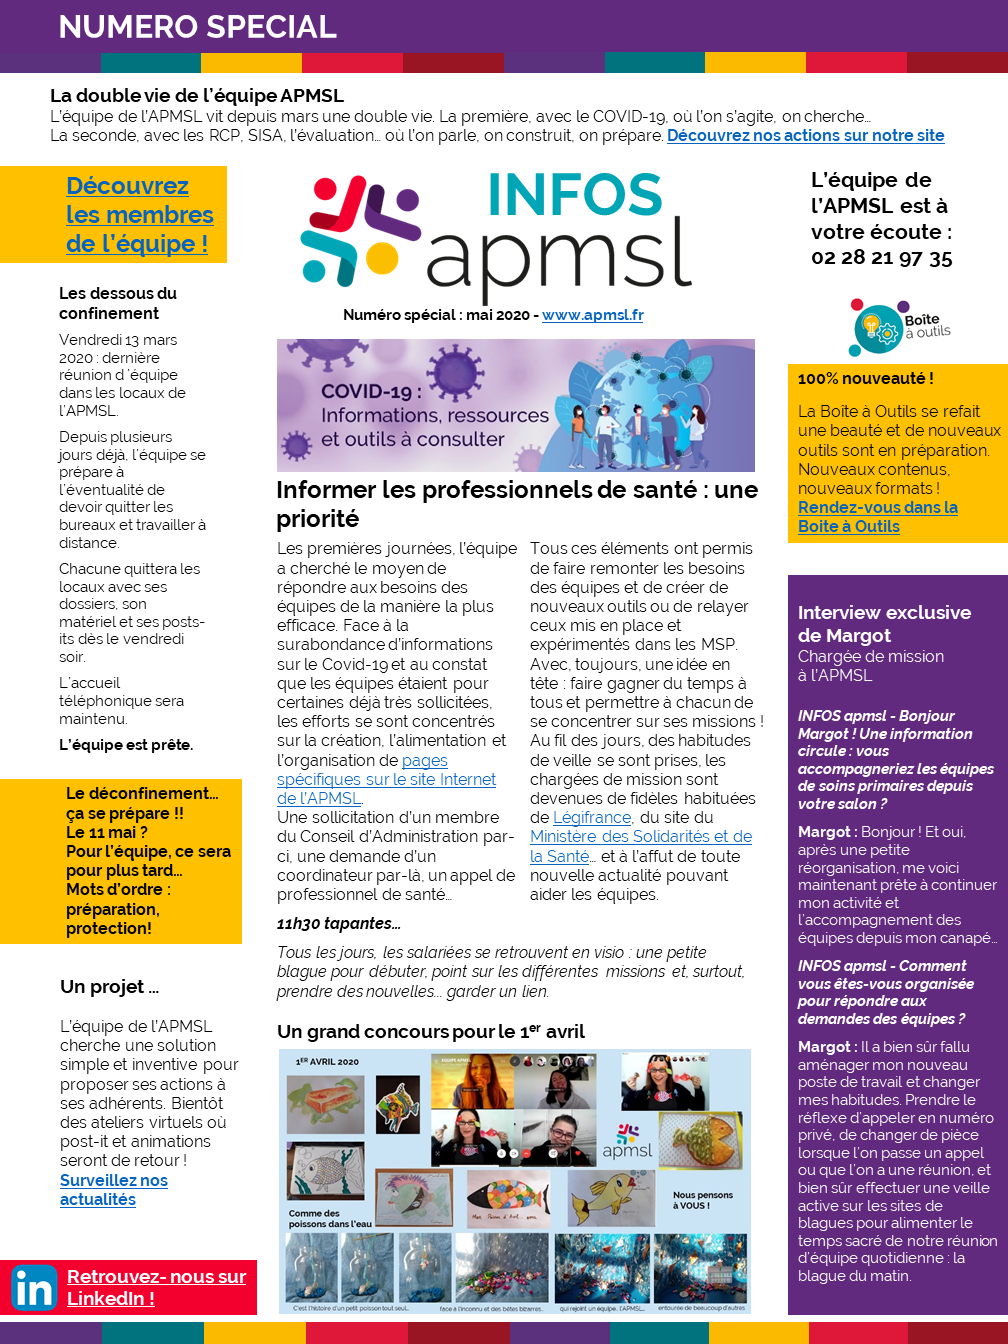 Les infos de l'APMSL